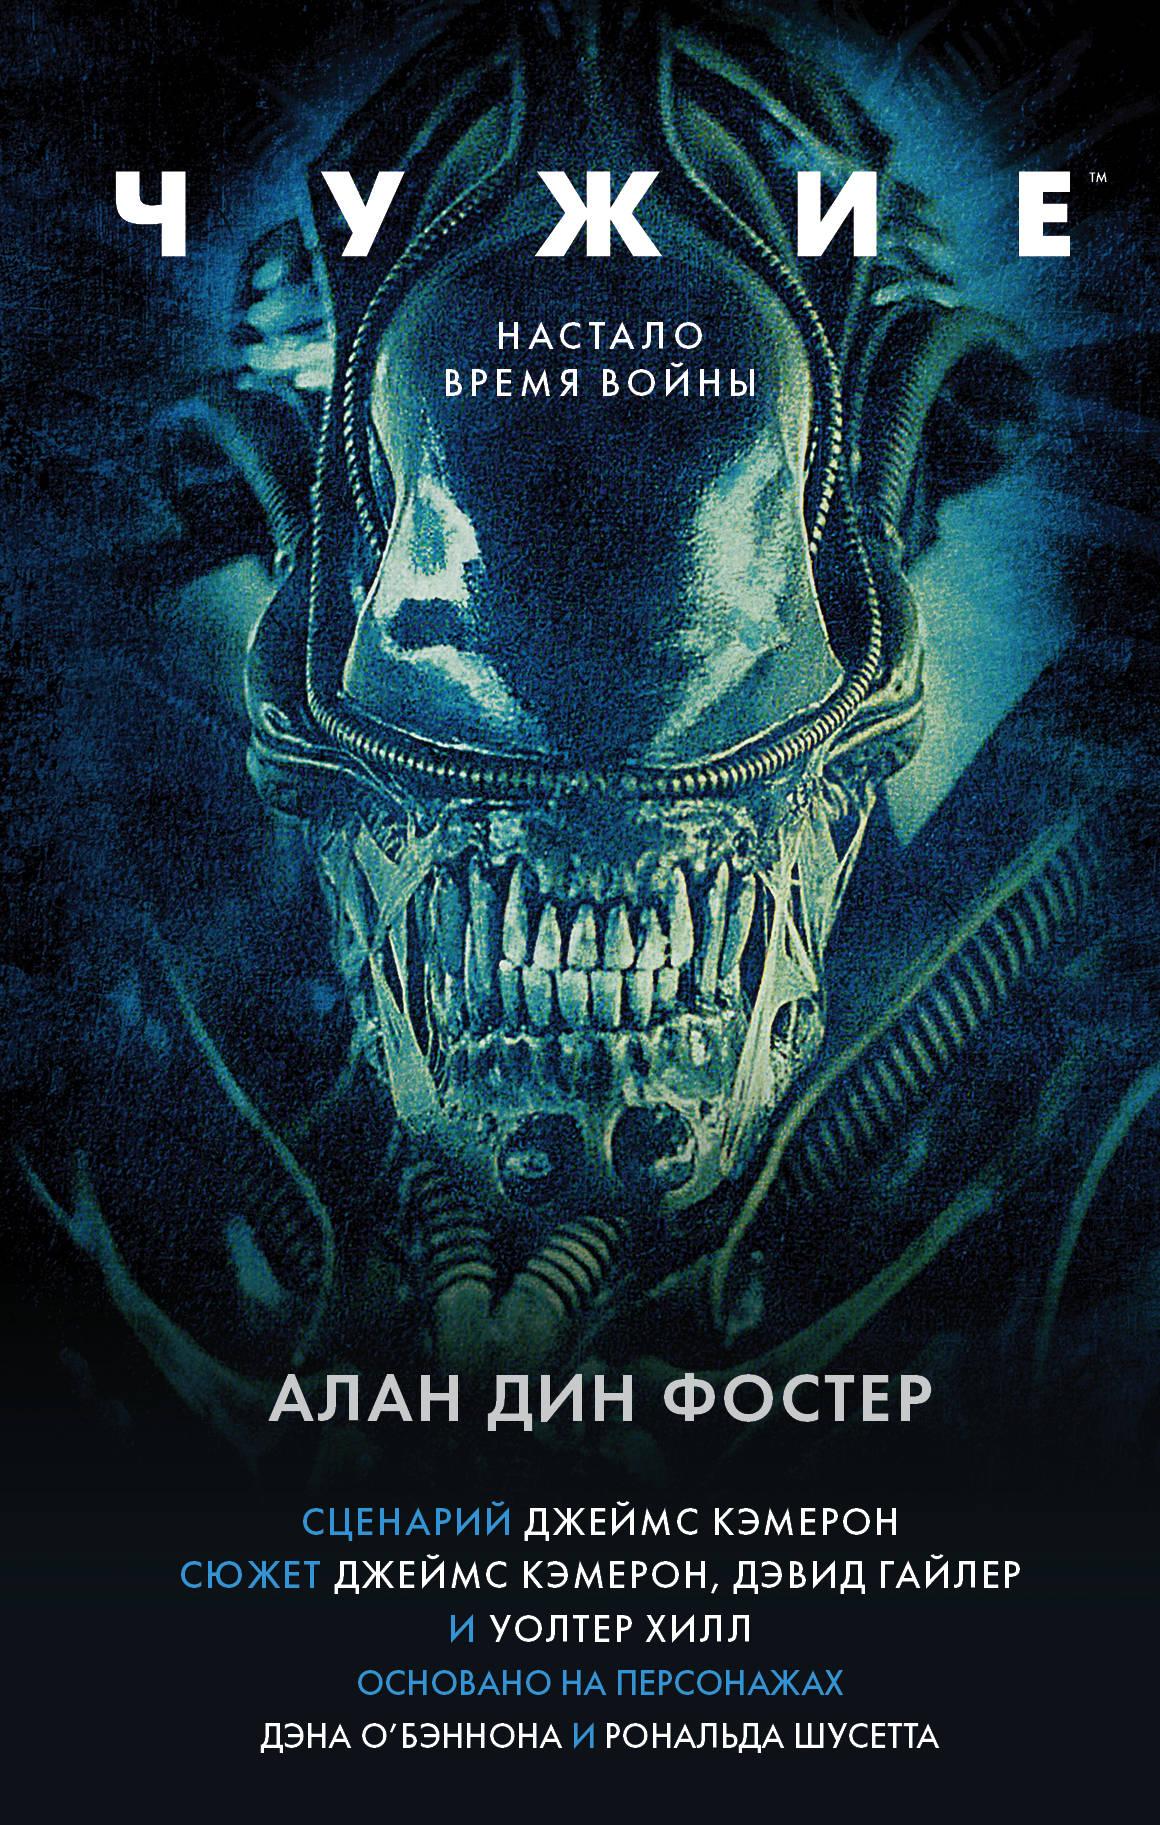 Алан Дин Фостер — Чужие (1986)